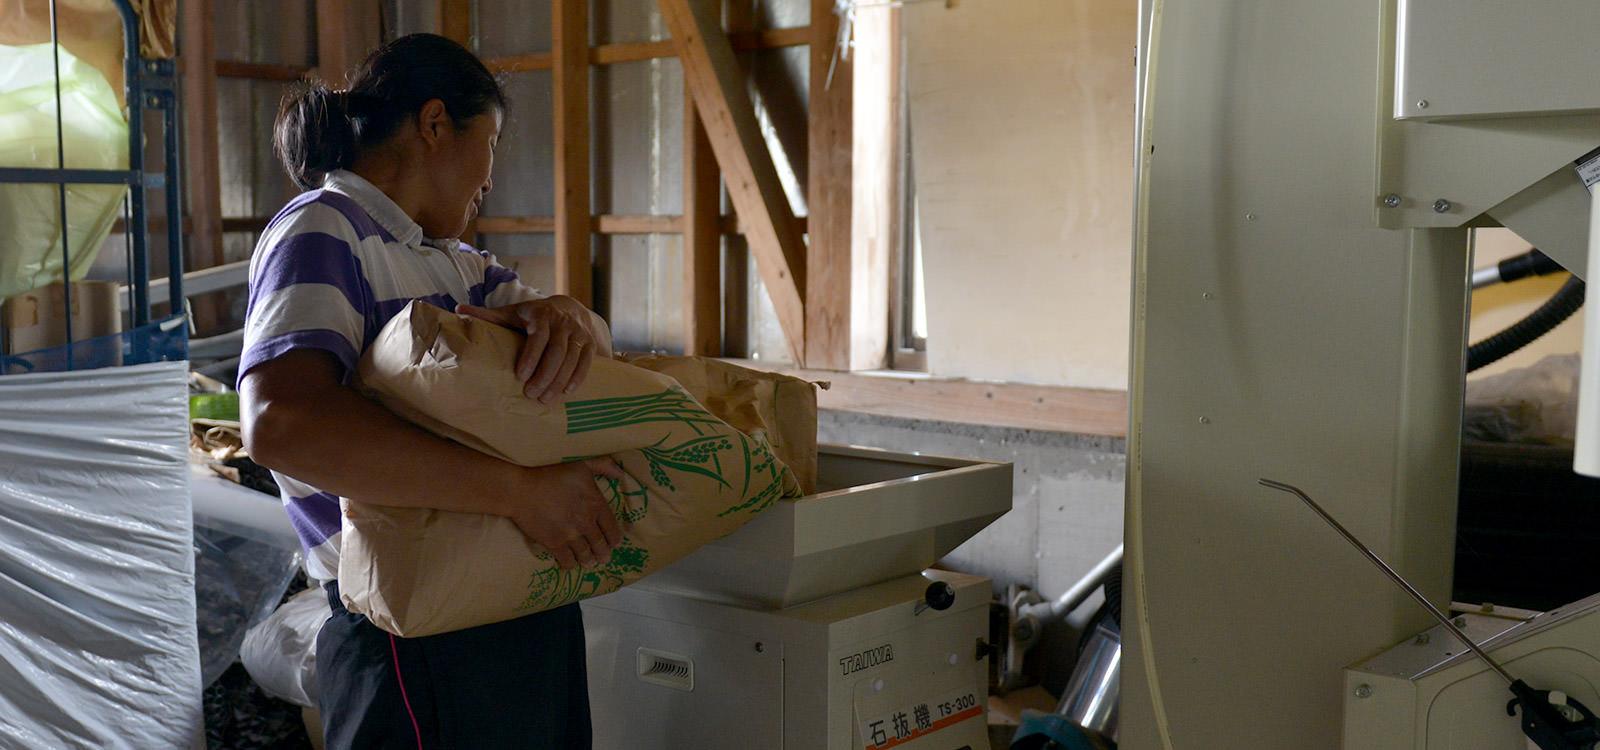 石抜き機に玄米を投入する後藤さん